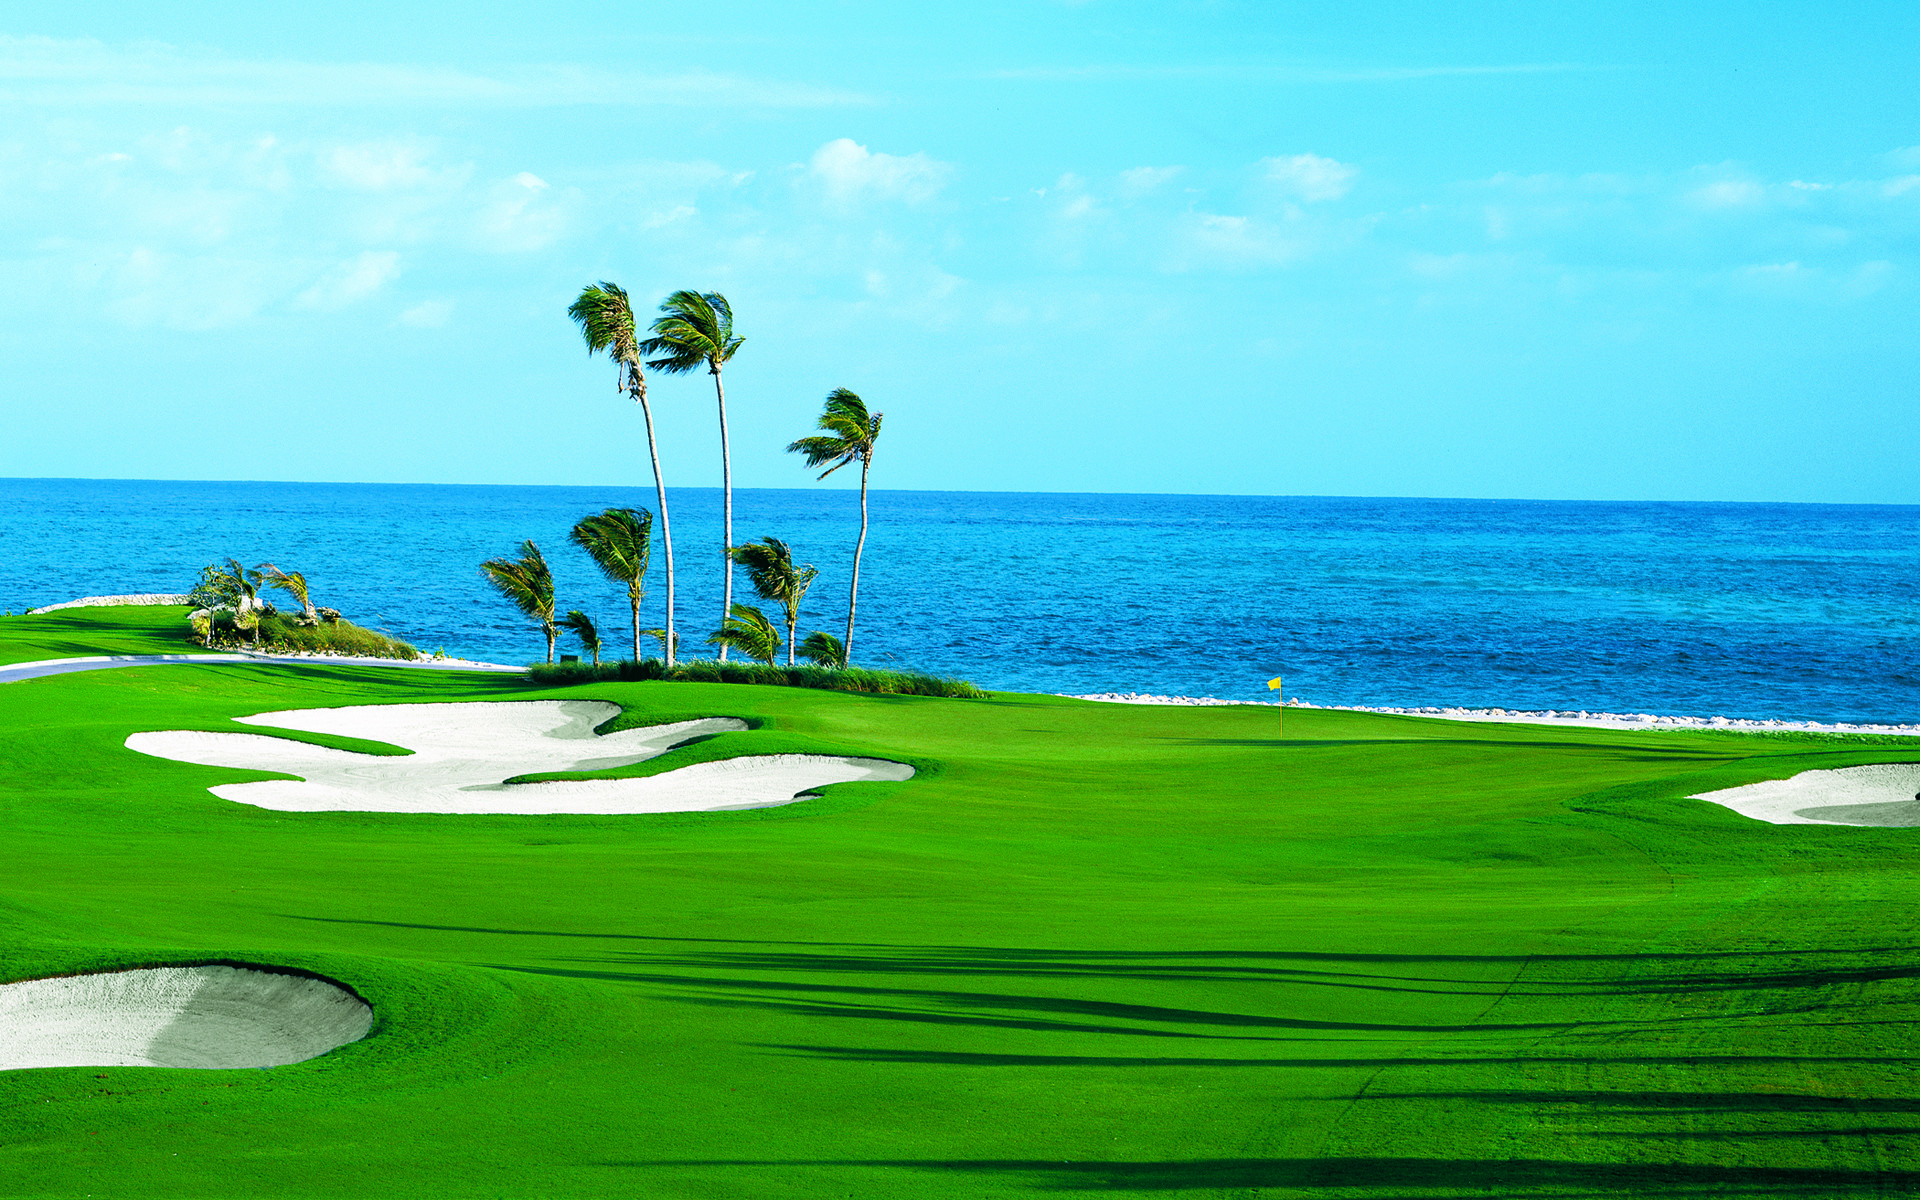 Golf Course Landscape HD desktop wallpaper High Definition | HD Wallpapers  | Pinterest | Hd wallpaper, Wallpaper and Wallpaper backgrounds